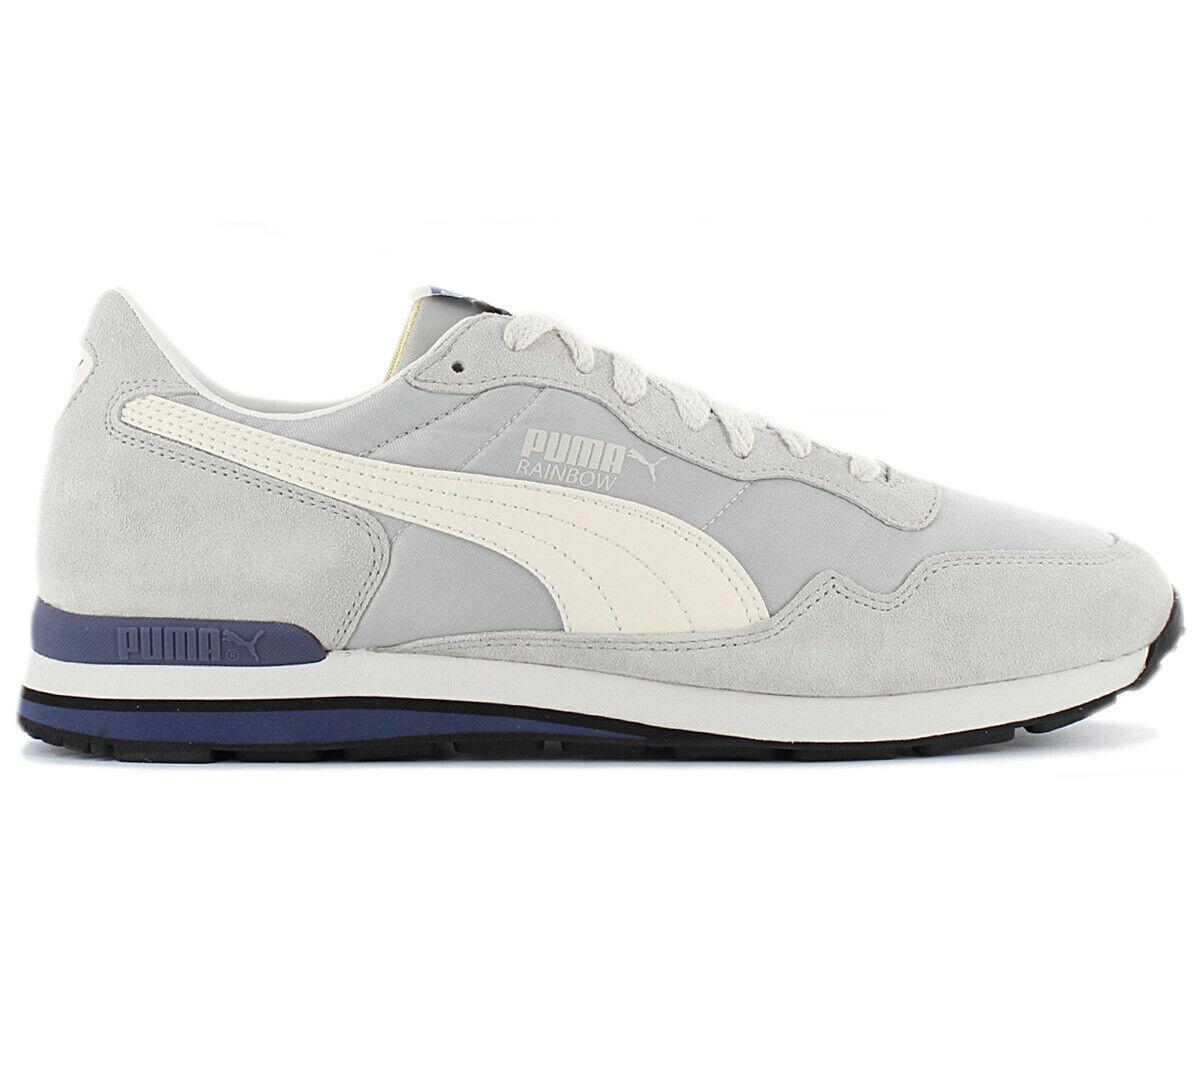 Puma classic rainbow sc slippers men 365583-02 gris retro zapatos